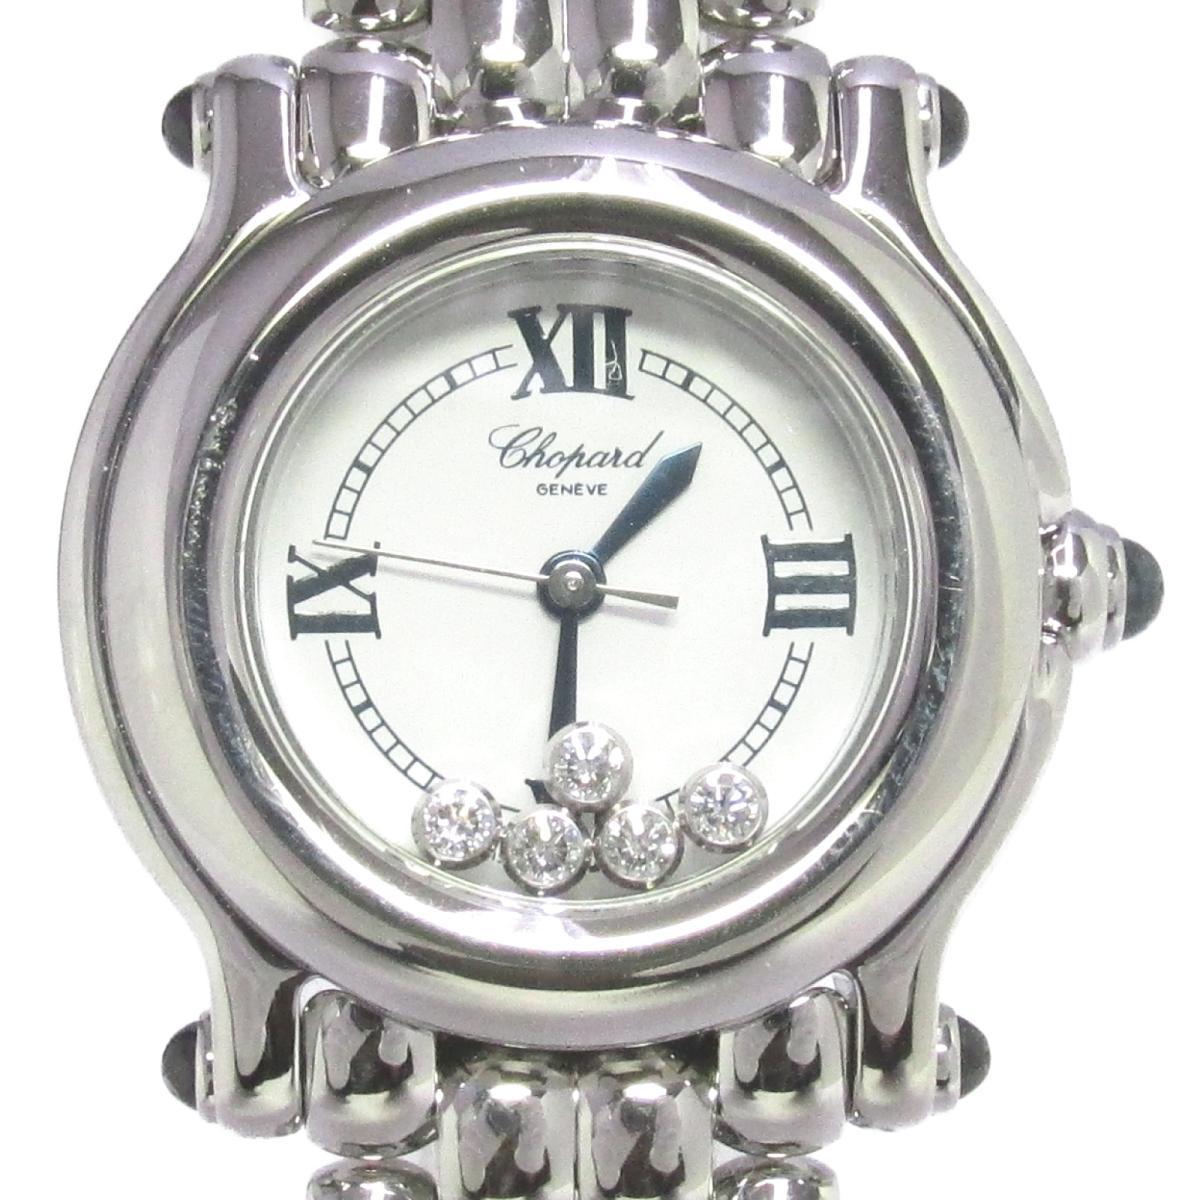 【中古】 ショパール ハッピースポーツ 5Pダイヤモンド 腕時計 レディース ステンレススチール (SS) ダイヤモンド ホワイト (27/8250-23) | Chopard BRANDOFF ブランドオフ ブランド ブランド時計 ブランド腕時計 時計